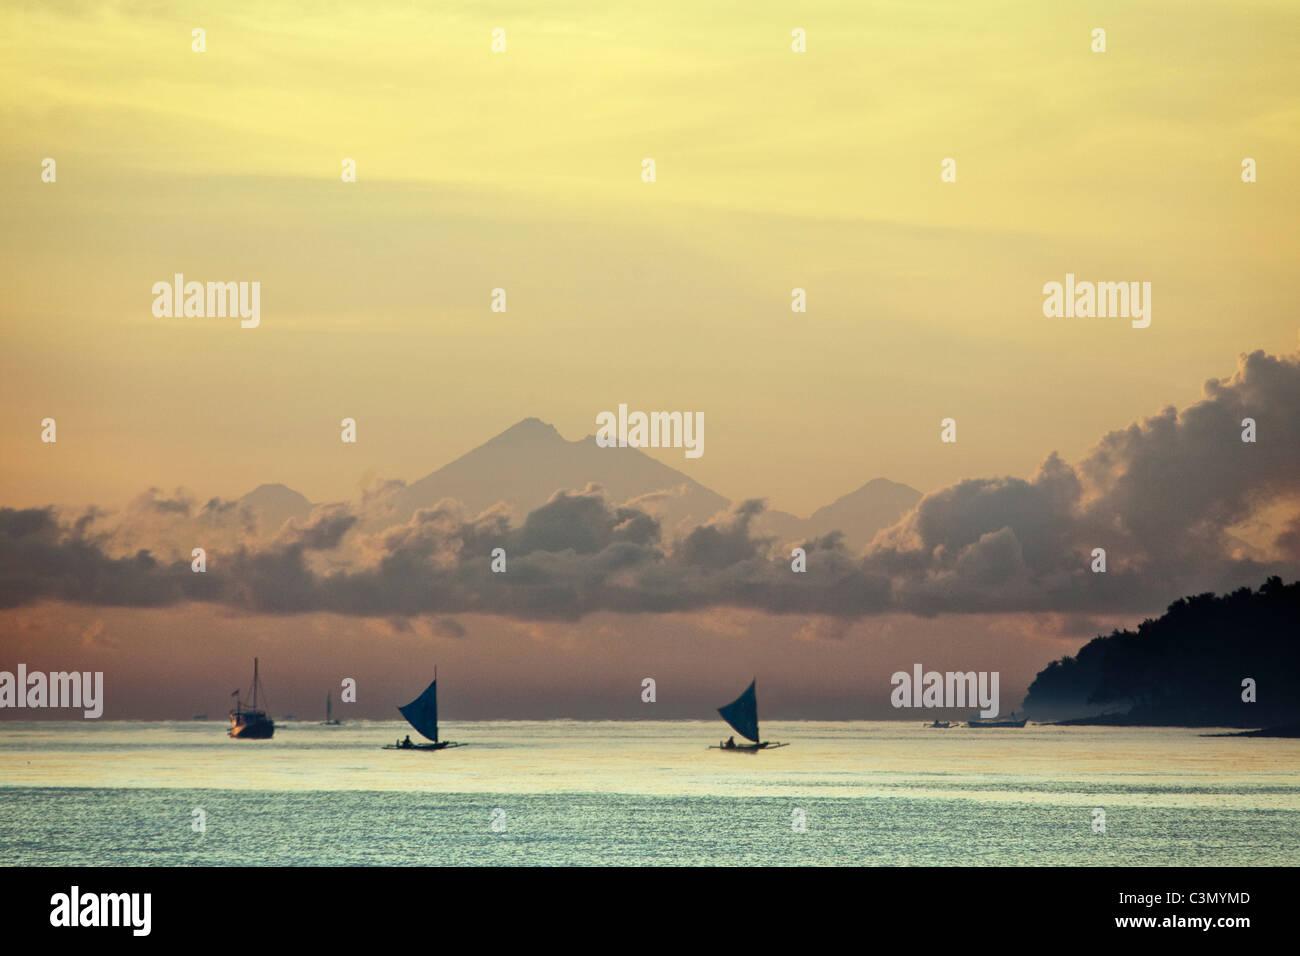 Indonesien, Insel Bali, in der Nähe von Tejakula Dorf, Gaia Oasis Resort. Sunrise. Fischer. Stockbild